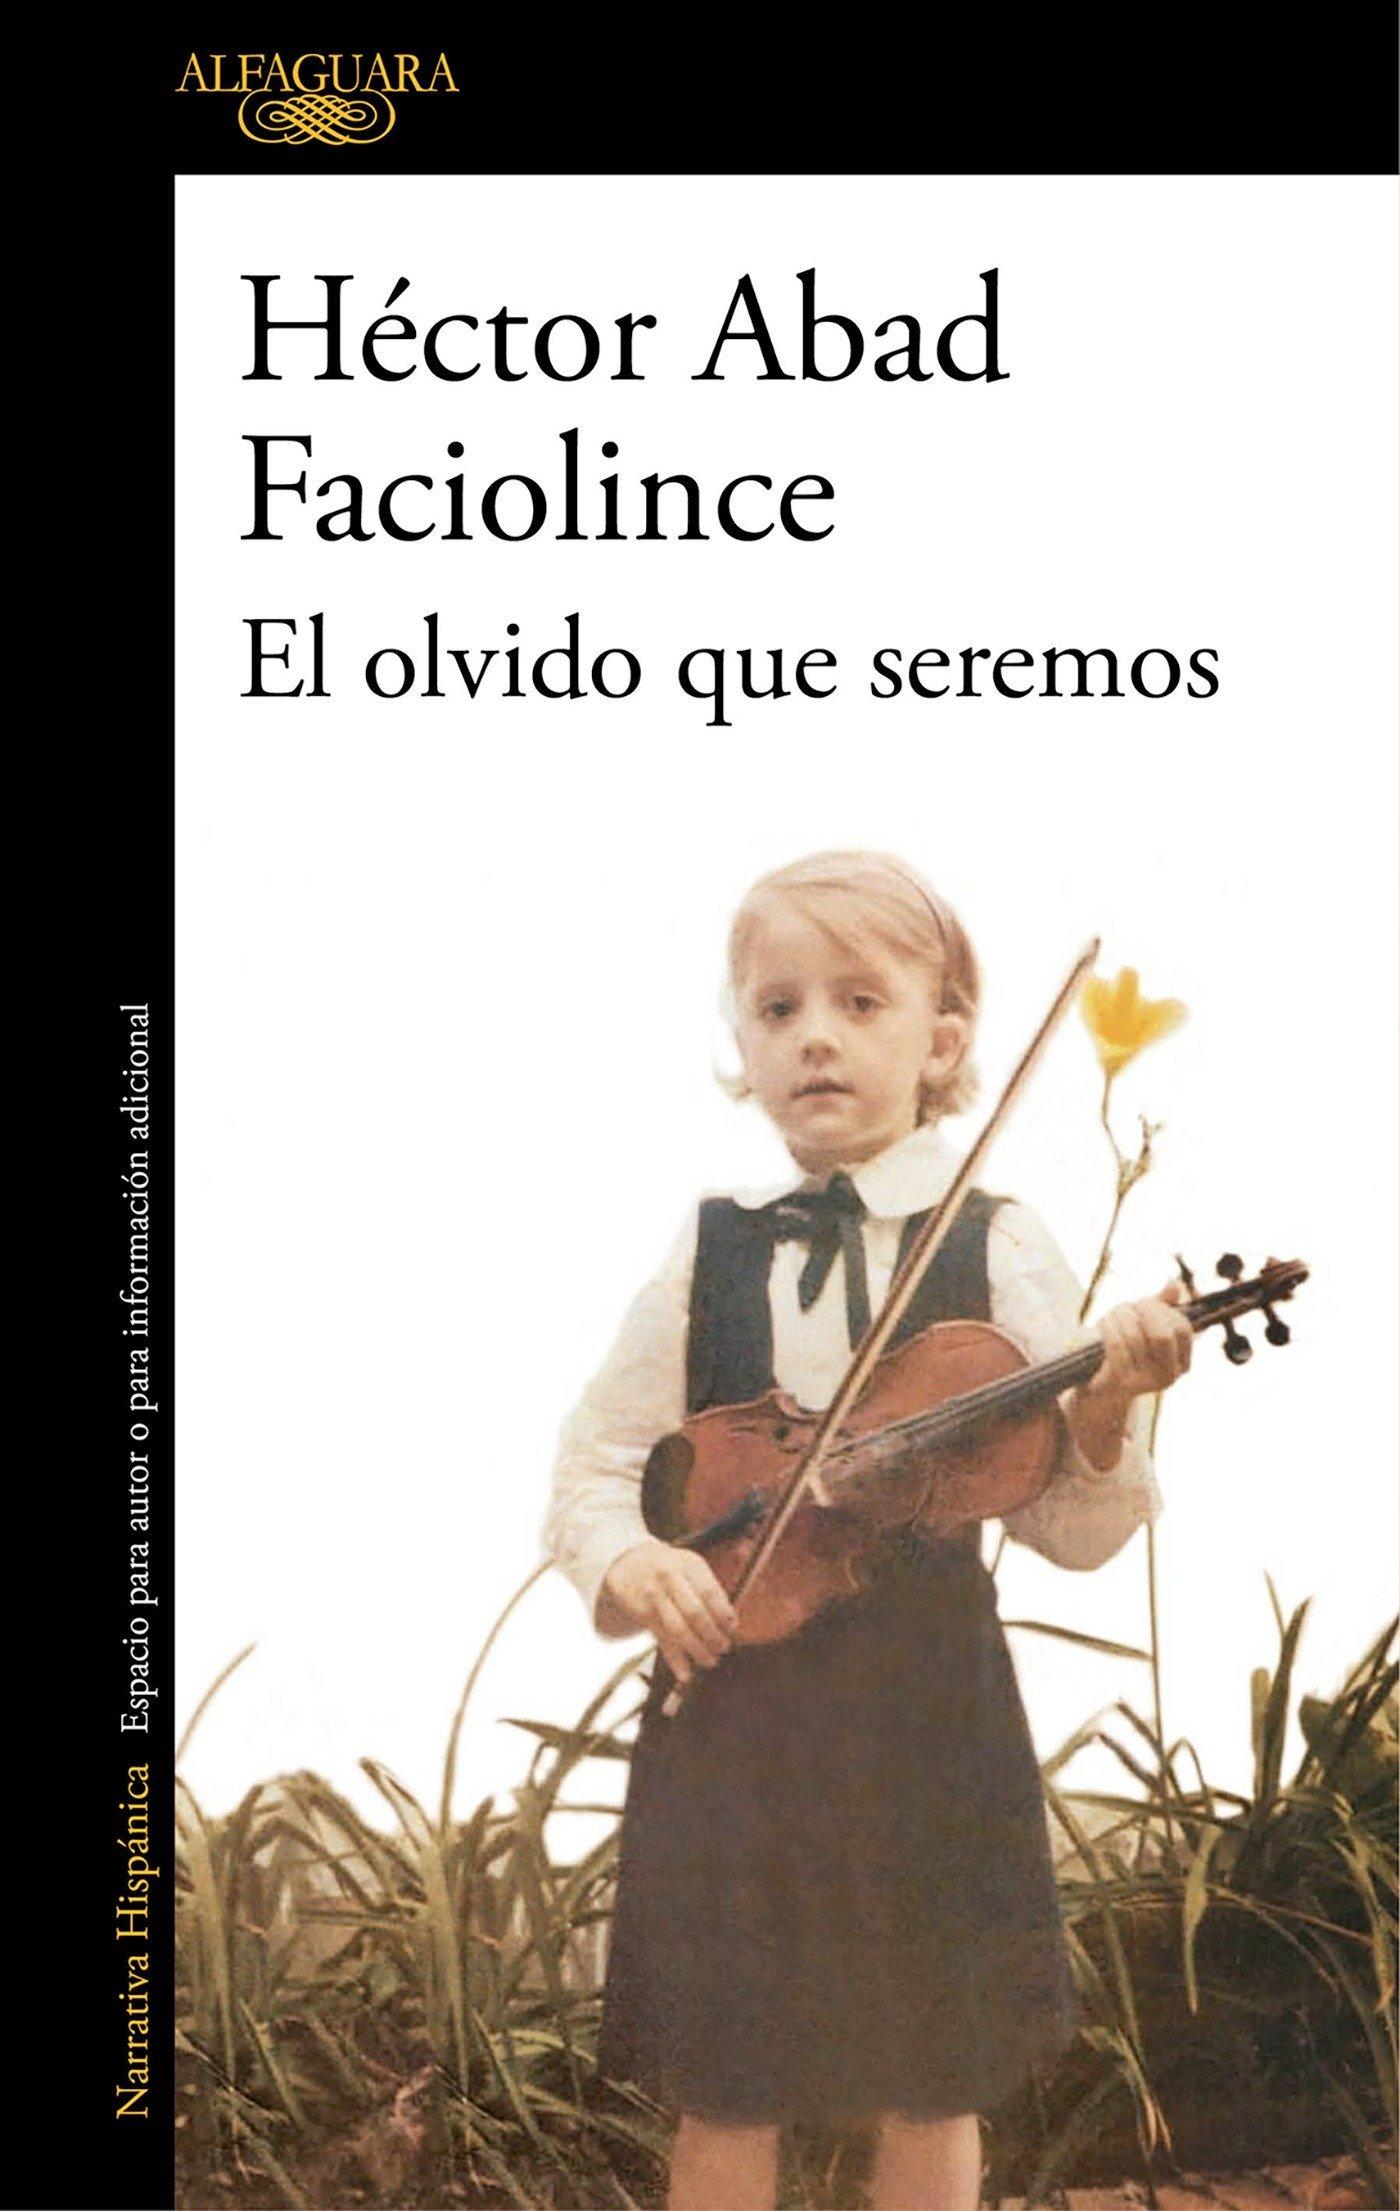 El olvido que seremos, Héctor Abab Faciolince - Libros sobre padres e hijos